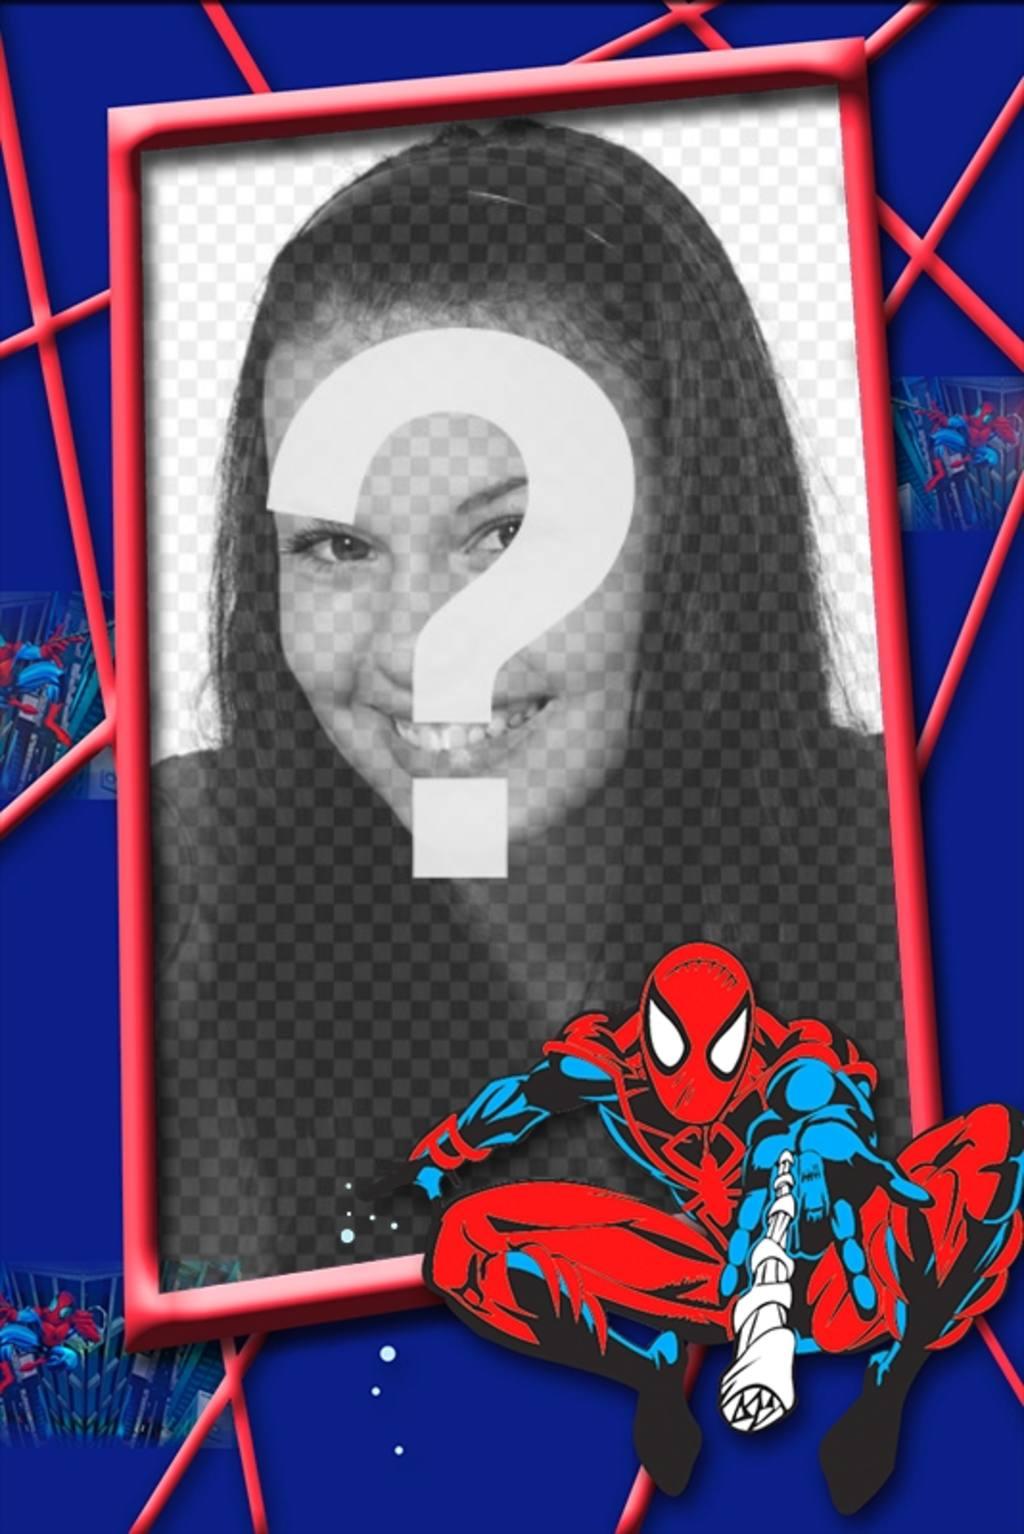 Marco de fotos infantil de Spiderman con rojos y azules en una ...